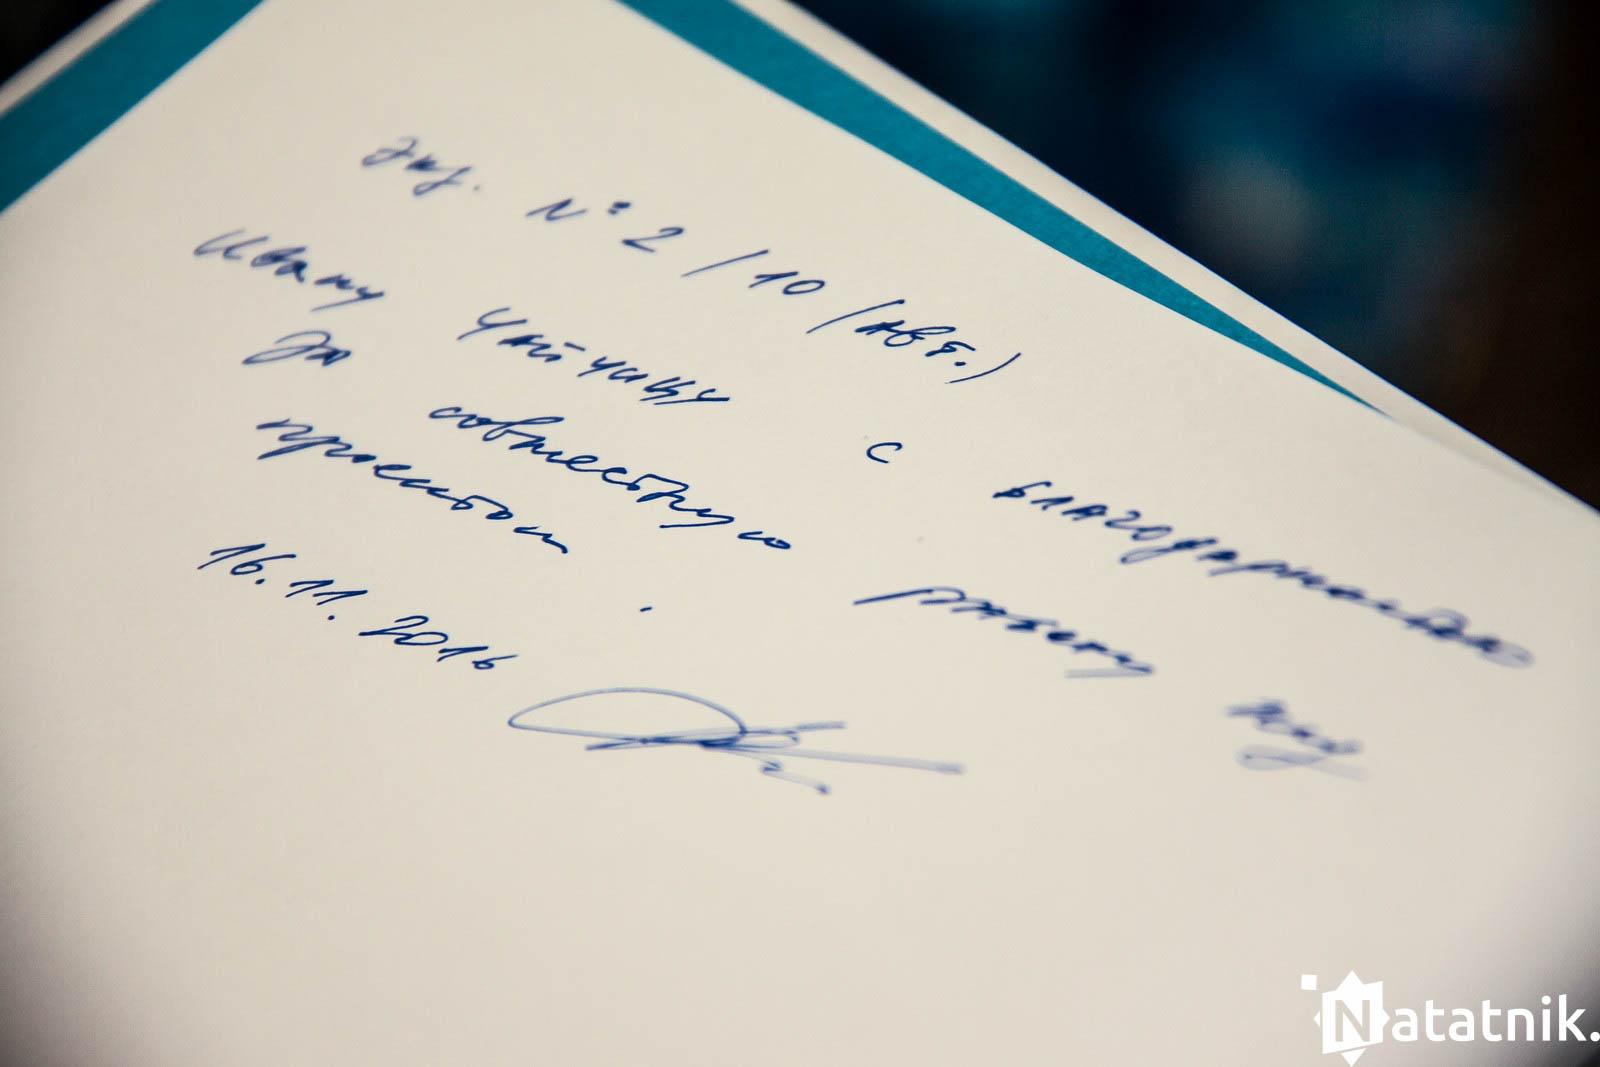 Автограф автора